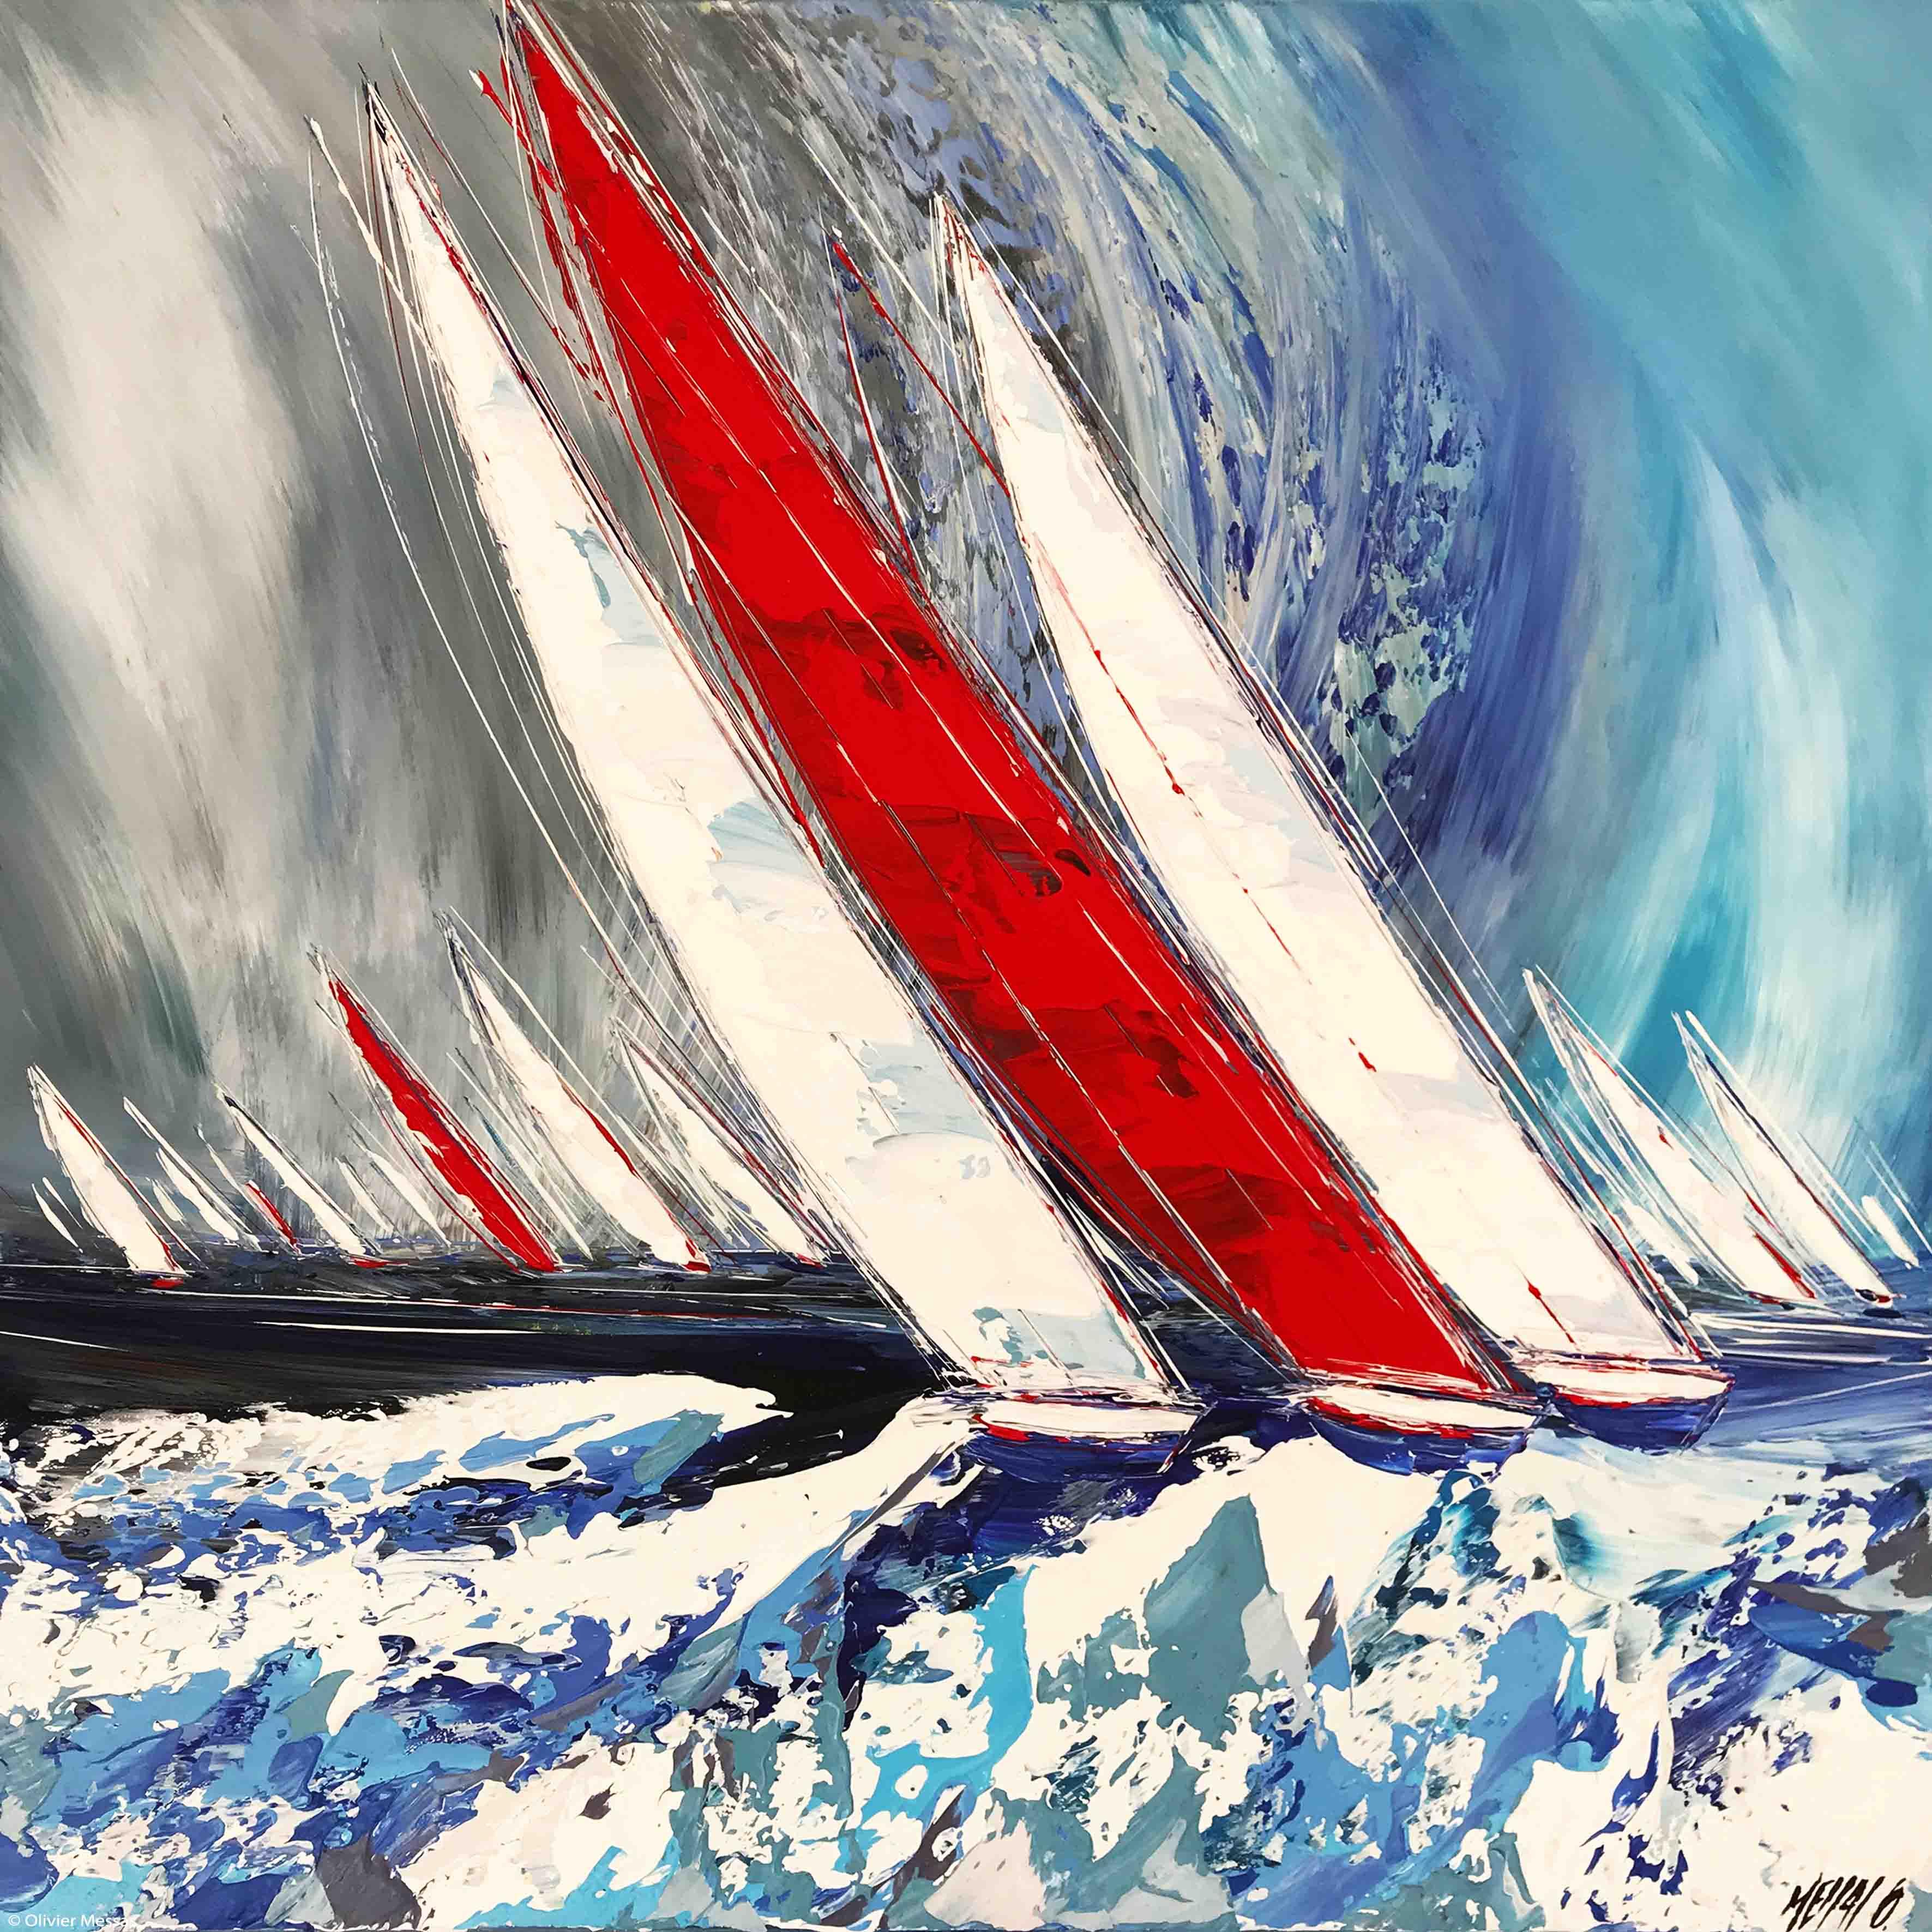 Les voiles rouges..., 80x80cm